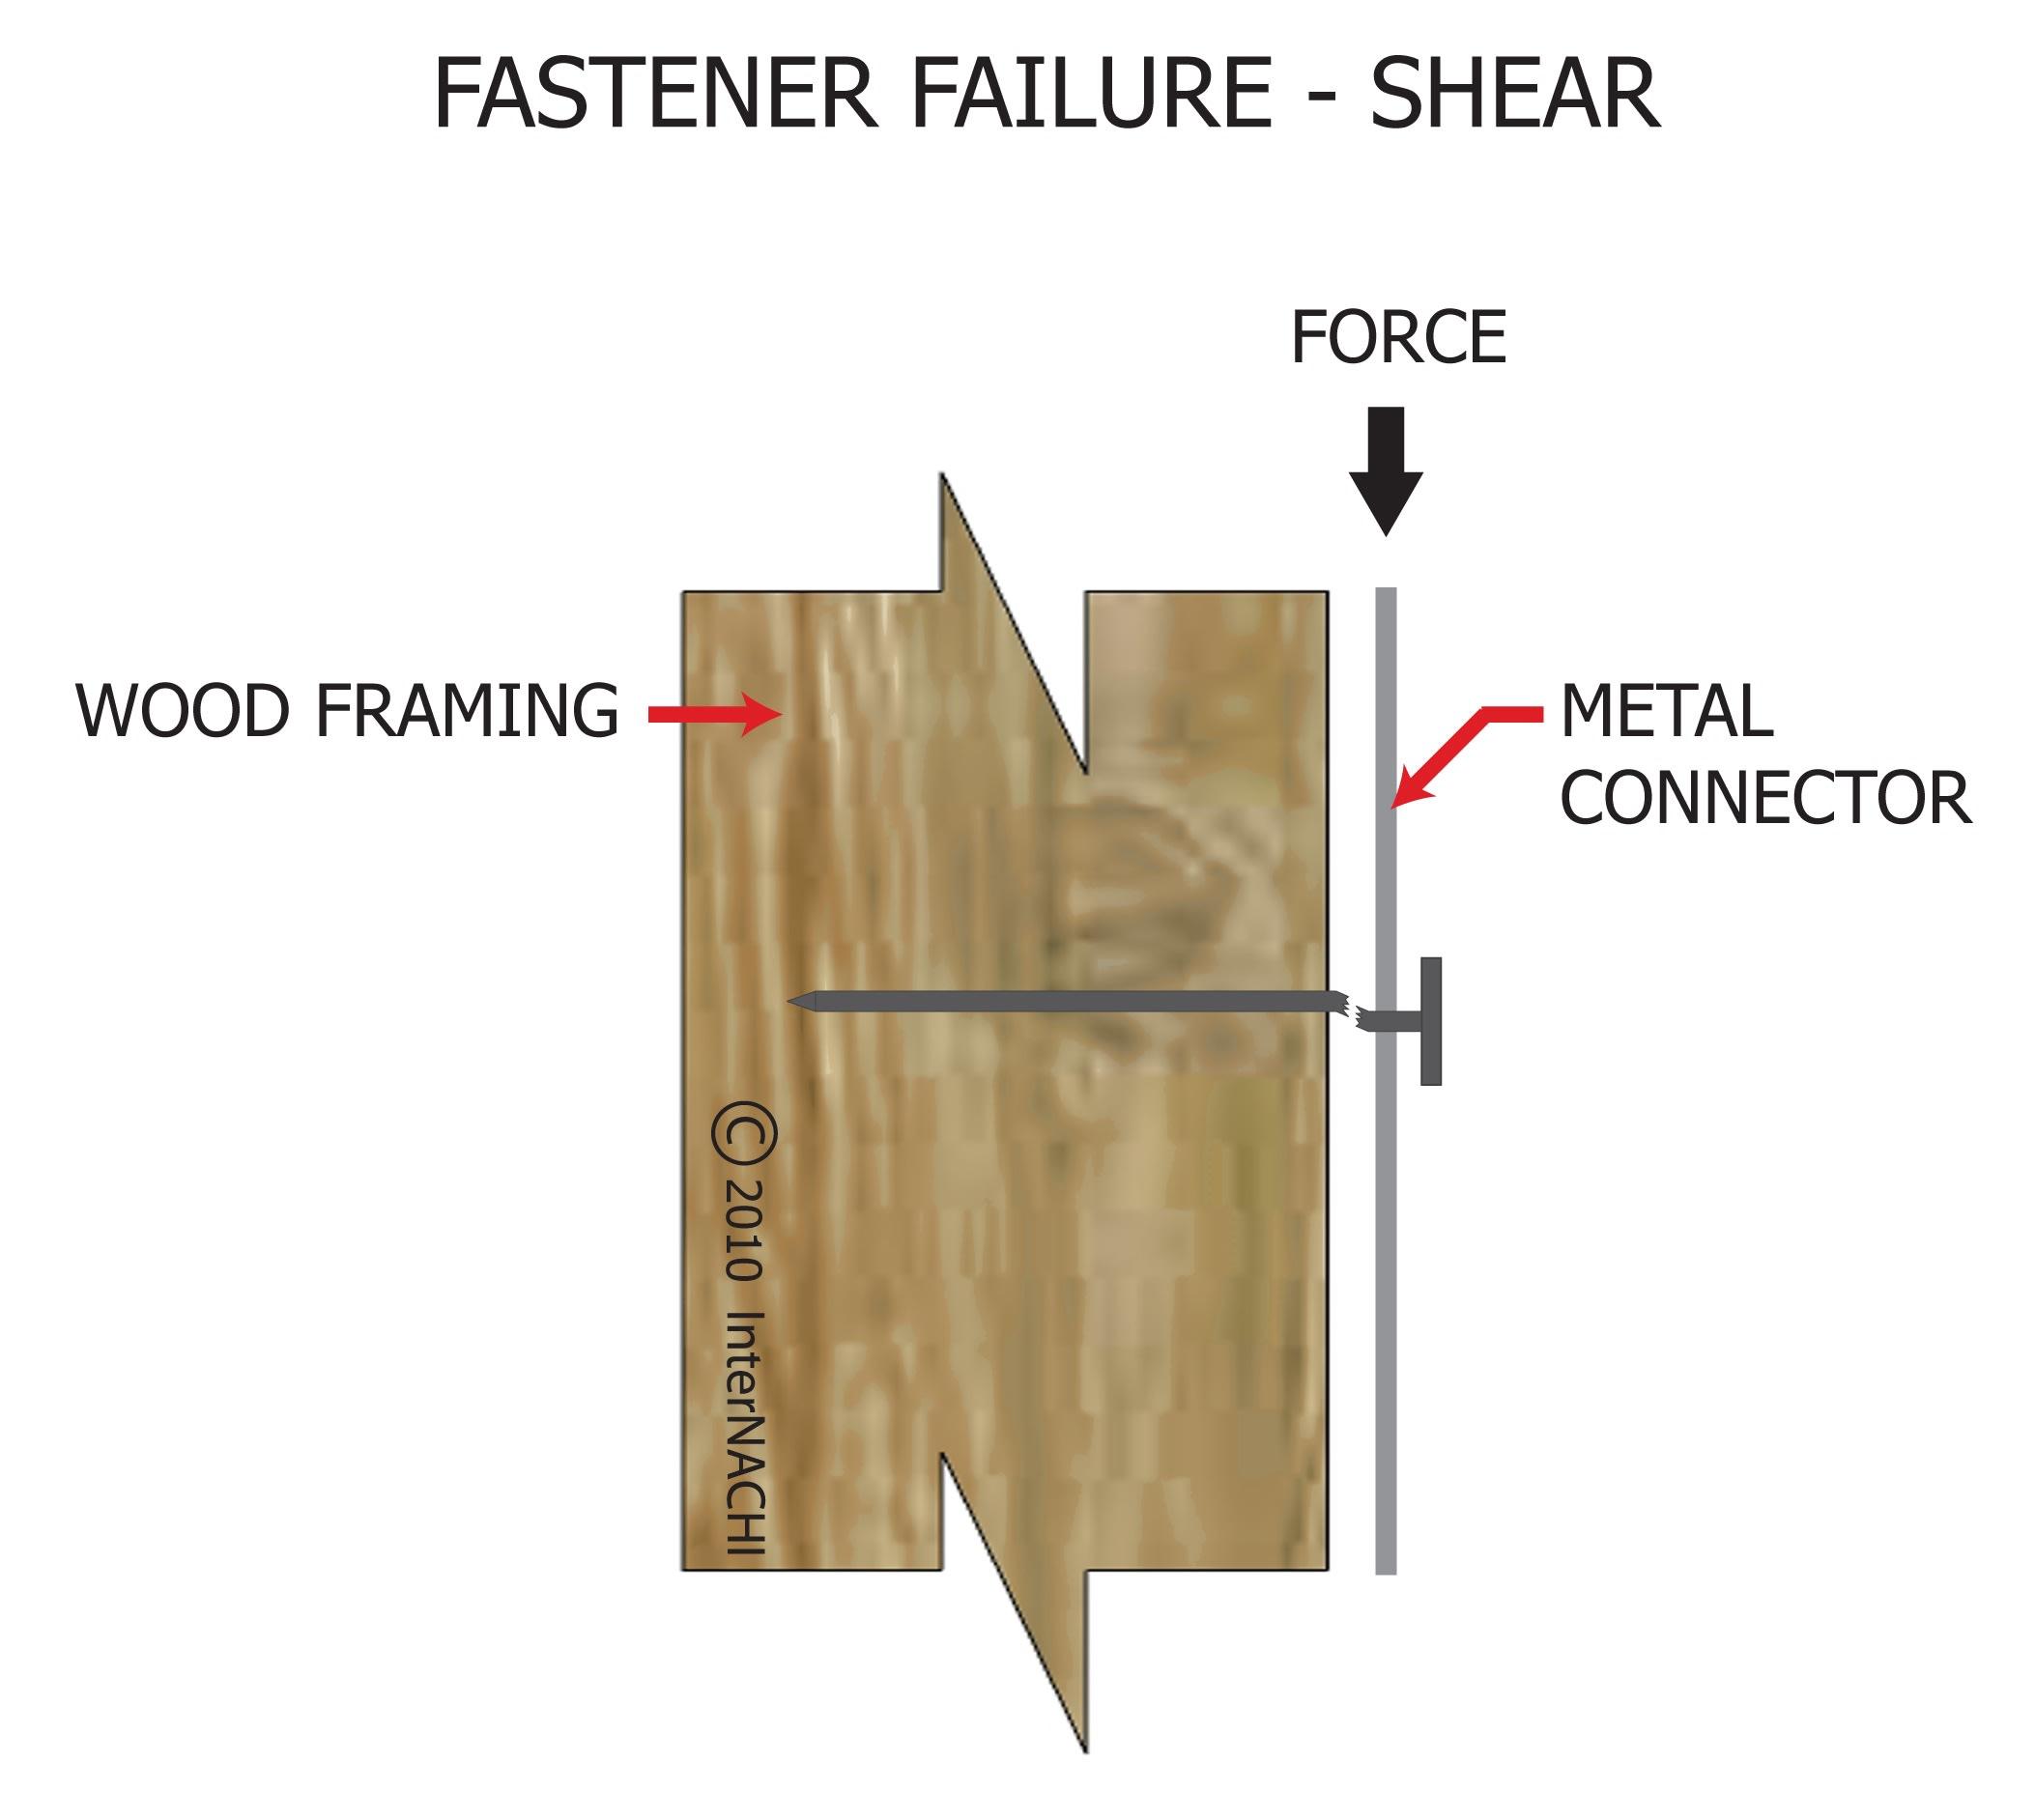 Fastener failure - shear.